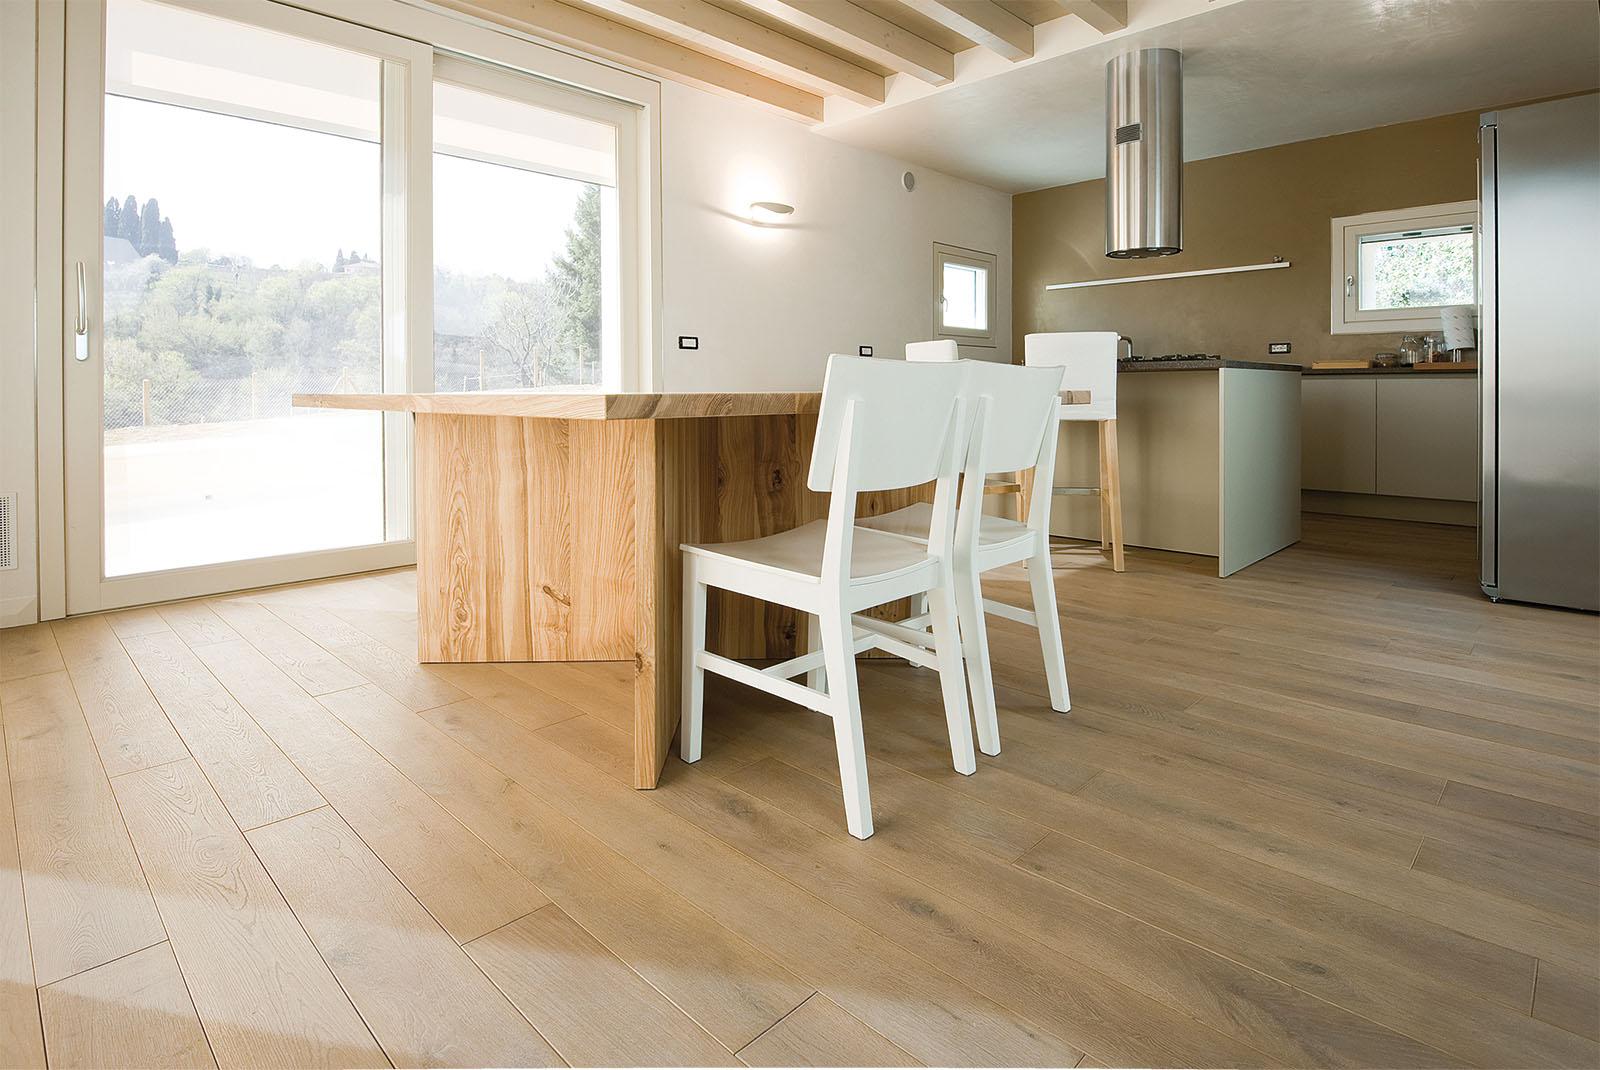 Pavimenti Per Cucina Rustica. Latest Idee Cucine Muratura Stile ...